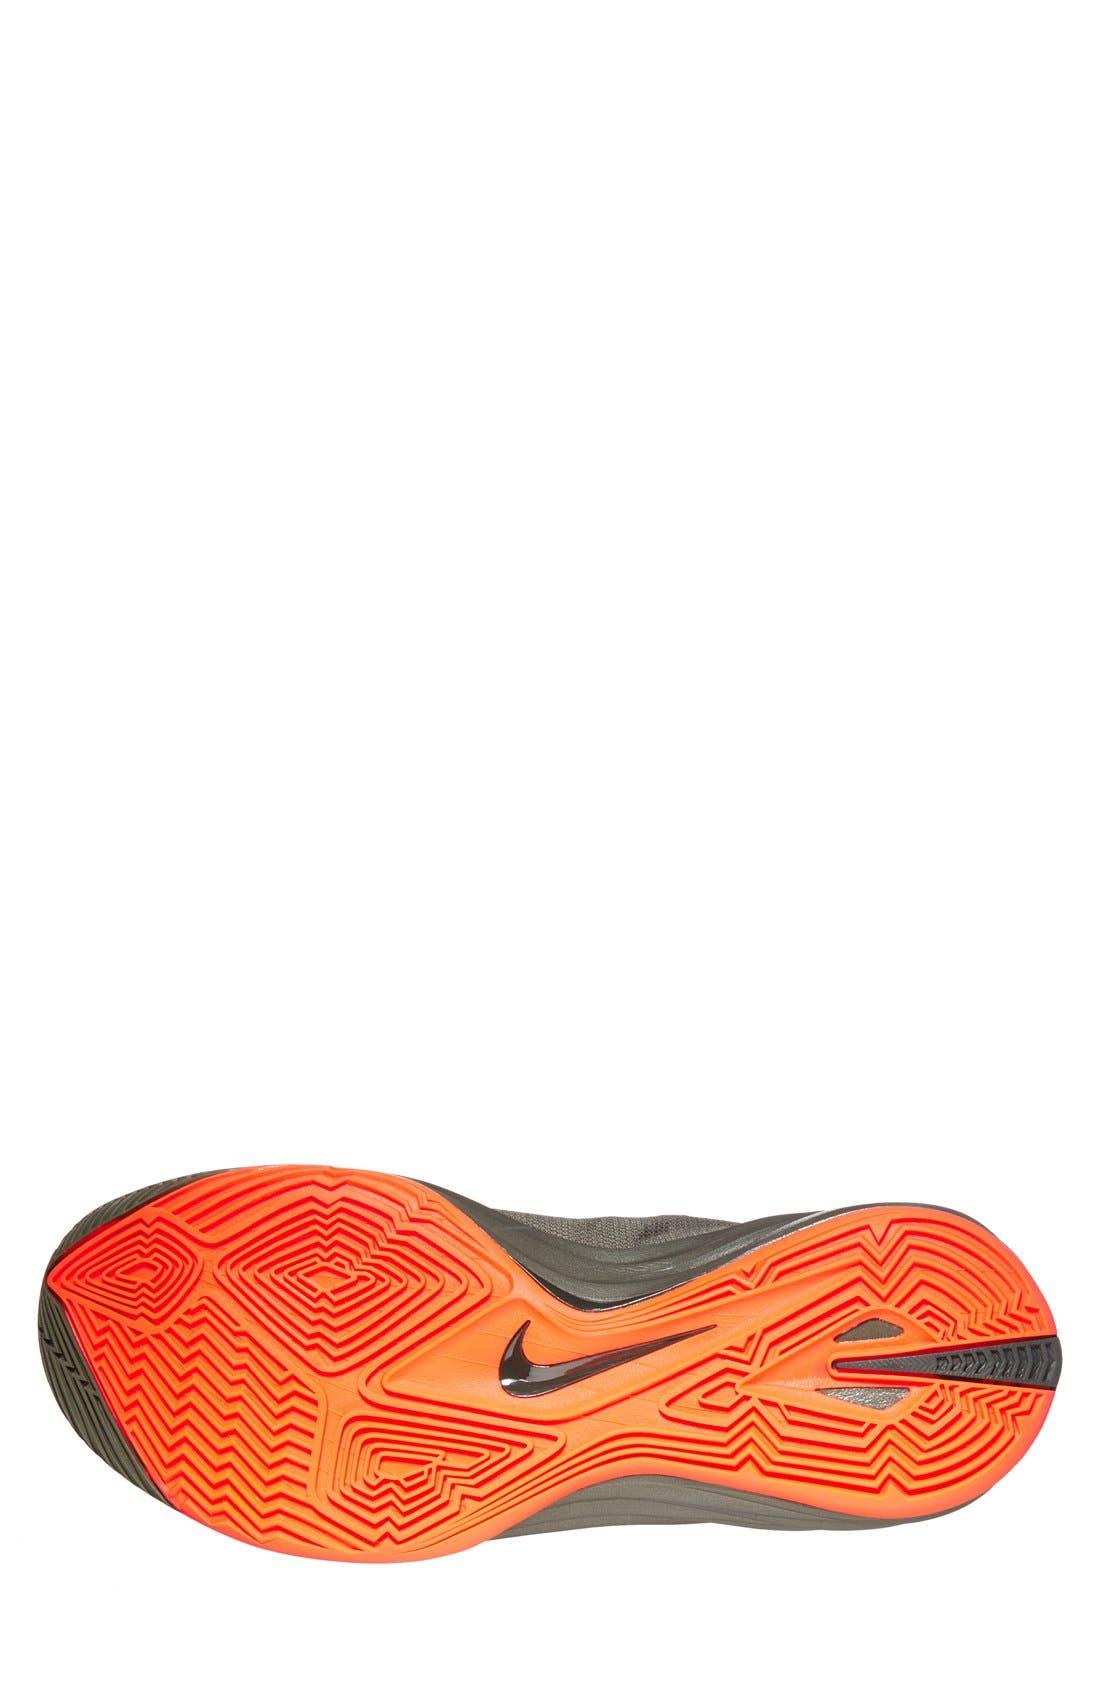 Alternate Image 4  - Nike 'Hyperdunk 2014' Basketball Shoe (Men)